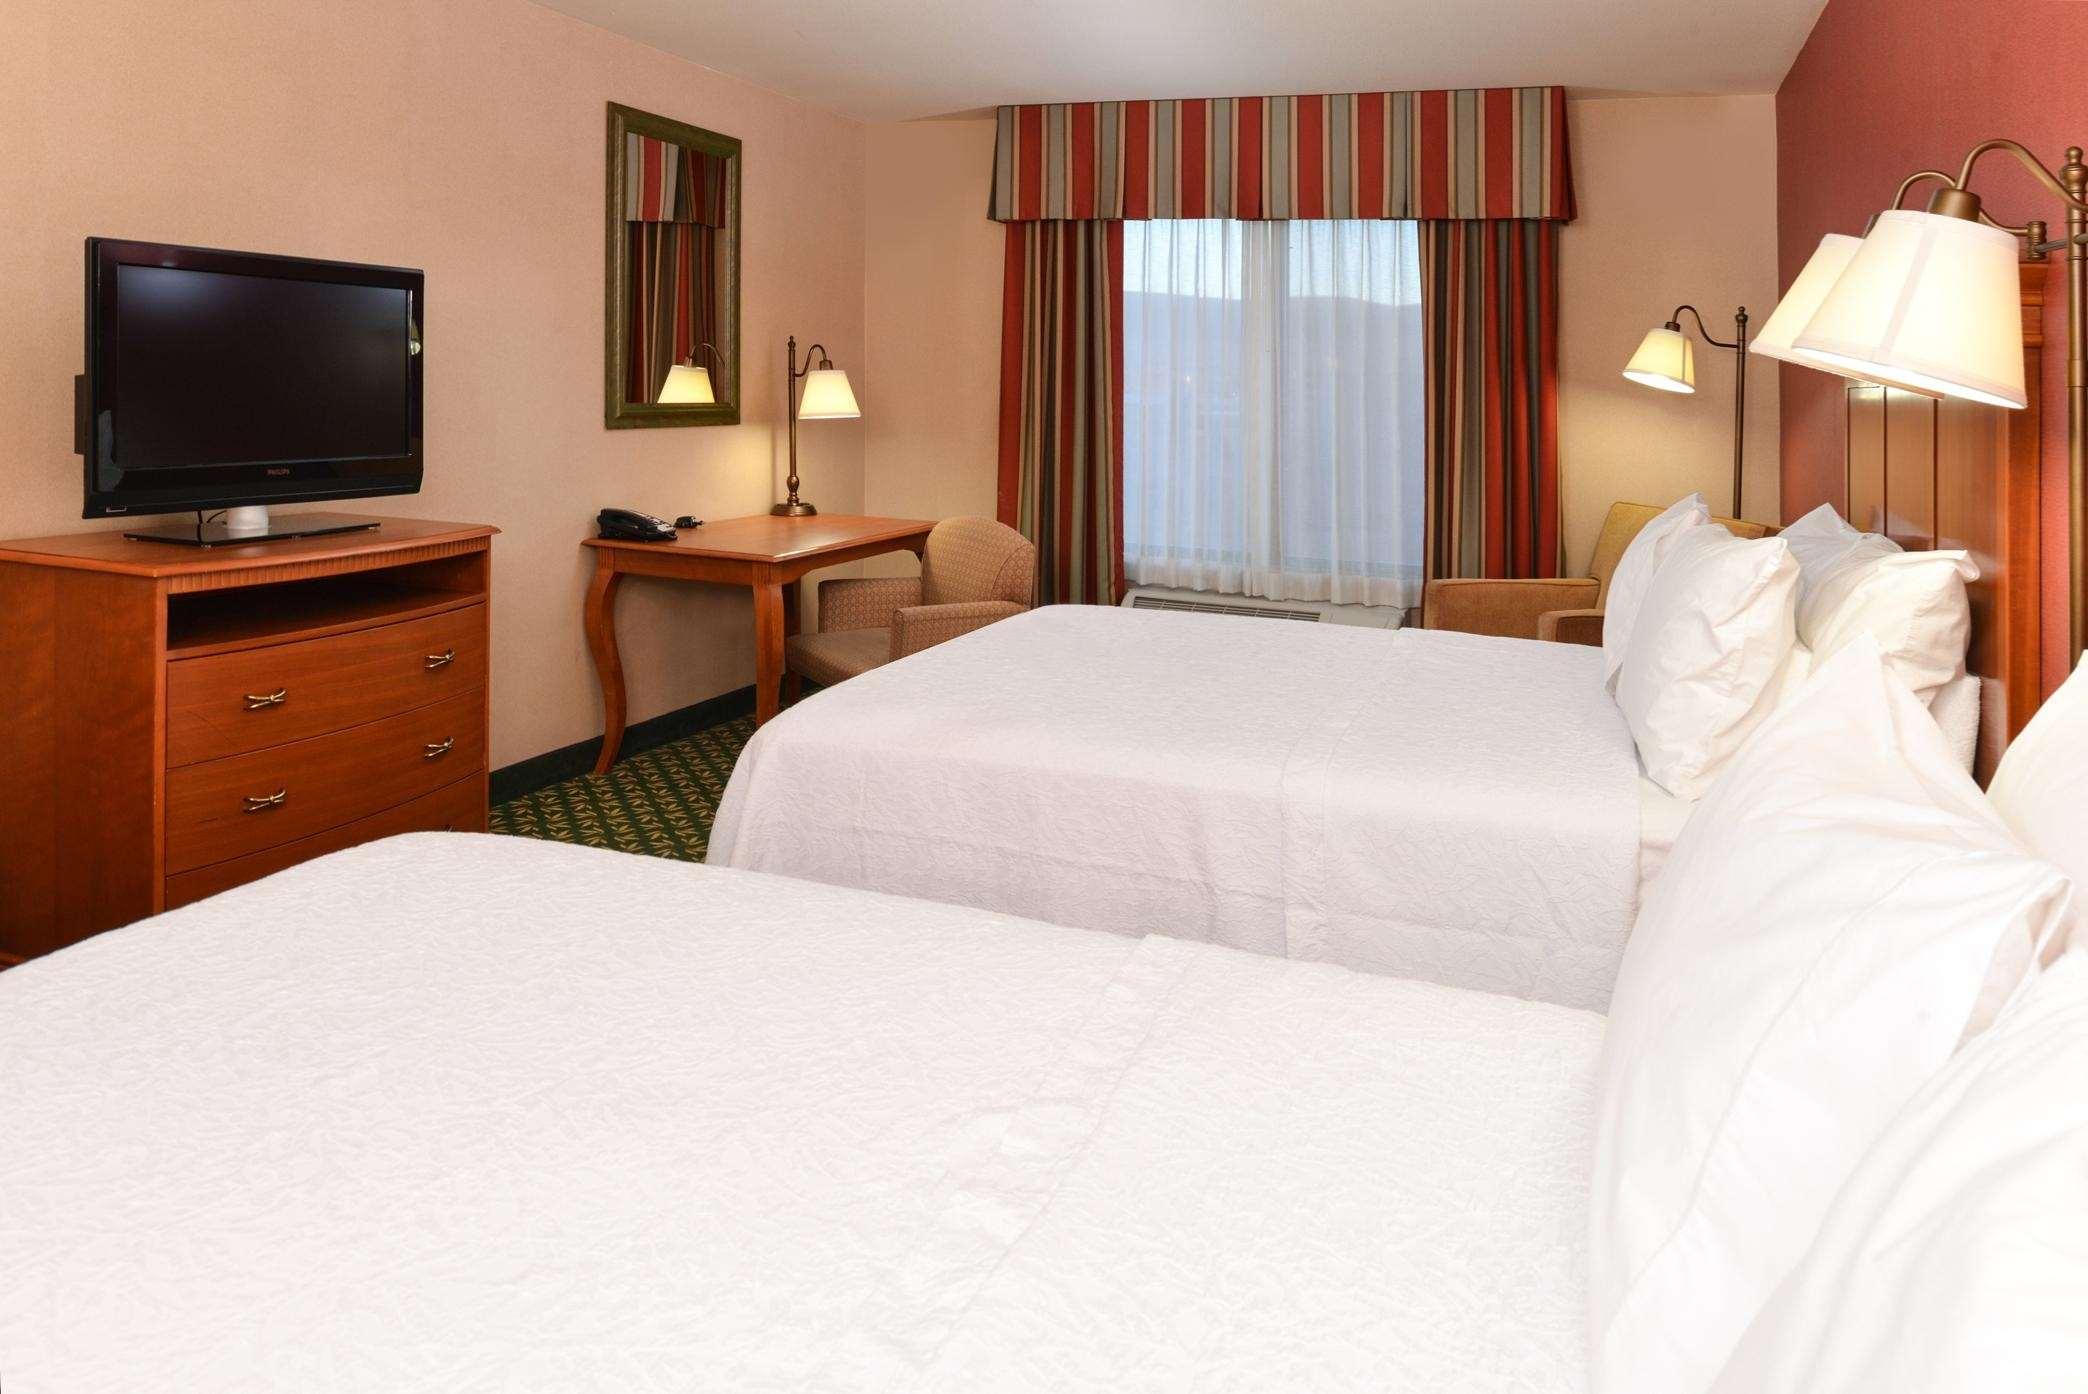 Hampton Inn & Suites Casper image 49